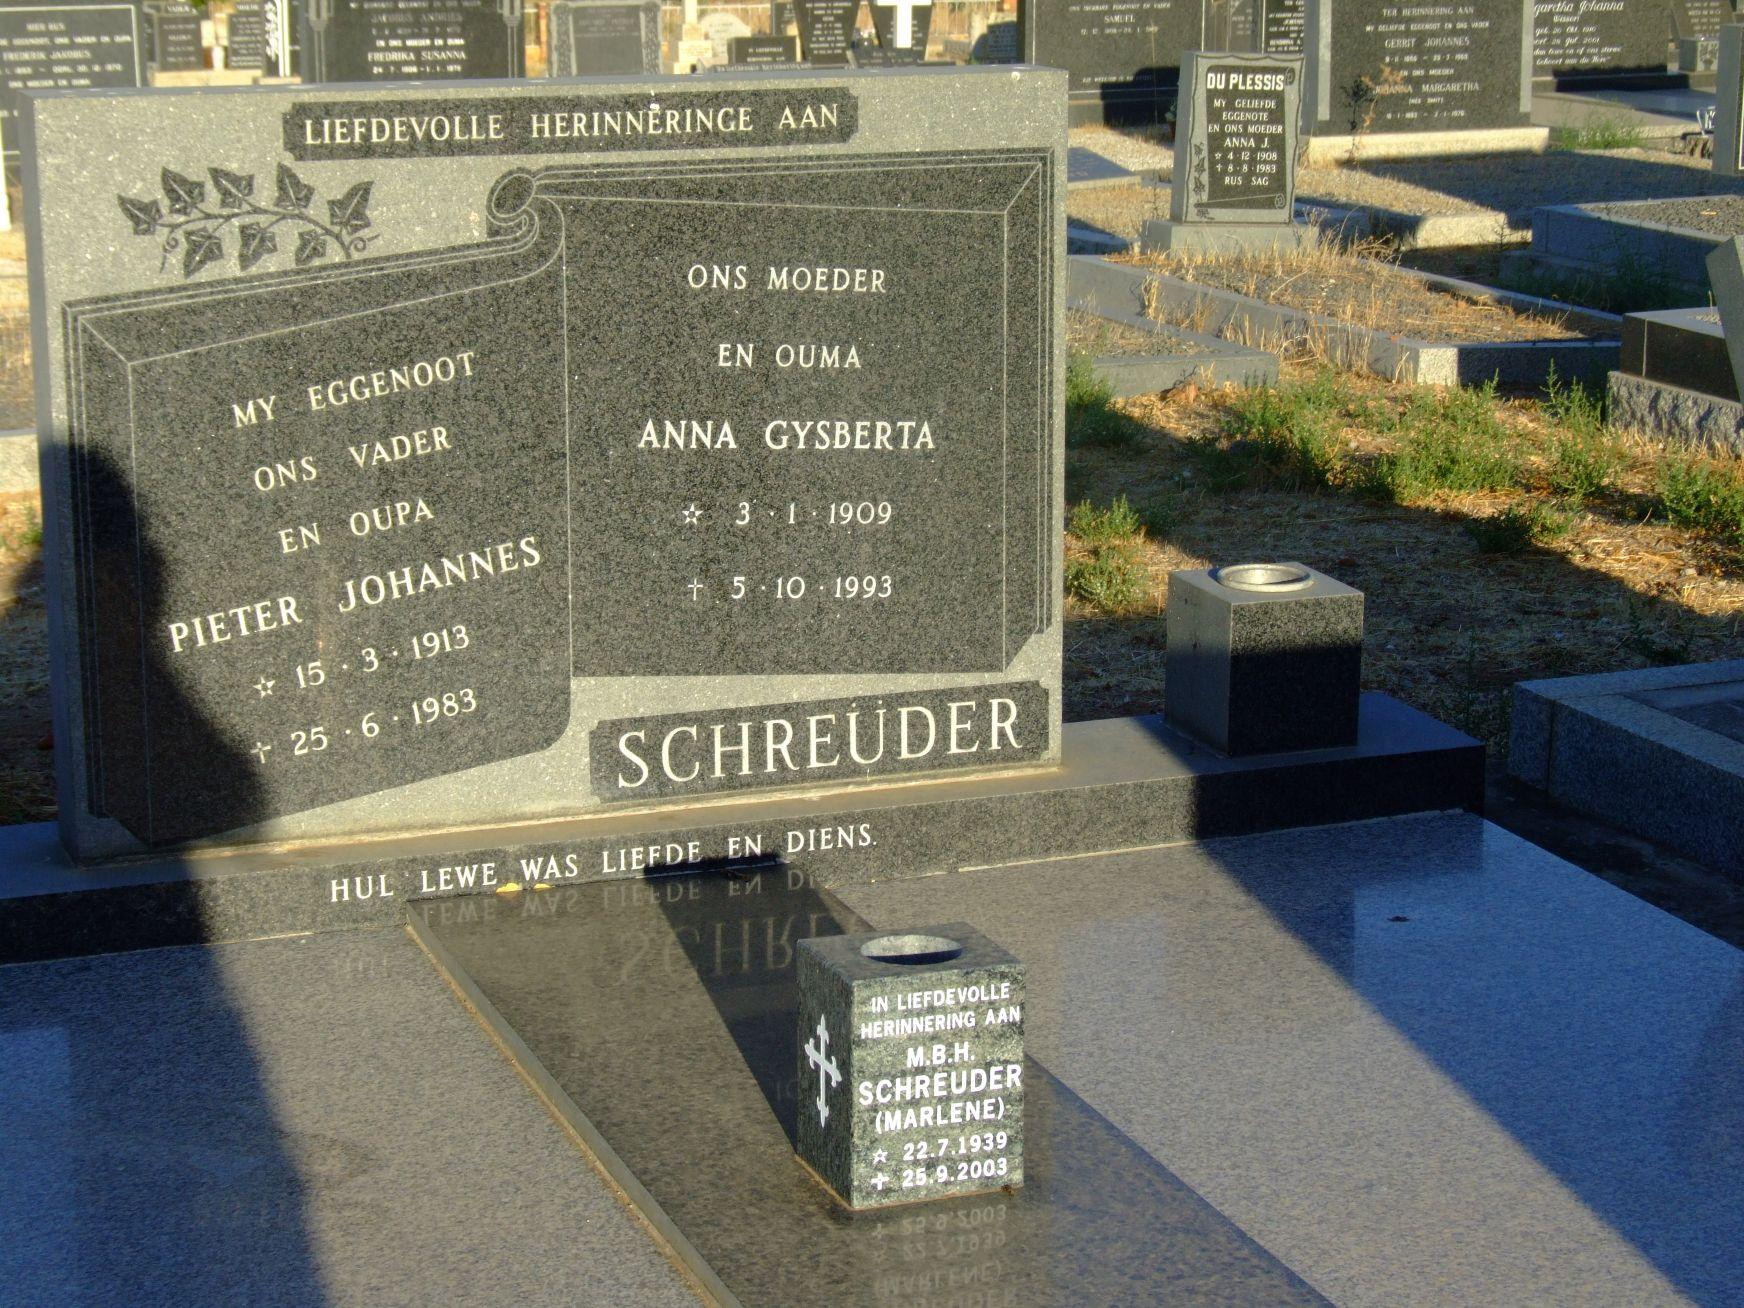 Schreuder, Pieter Johannes + Schreuder, Anna Gysberta